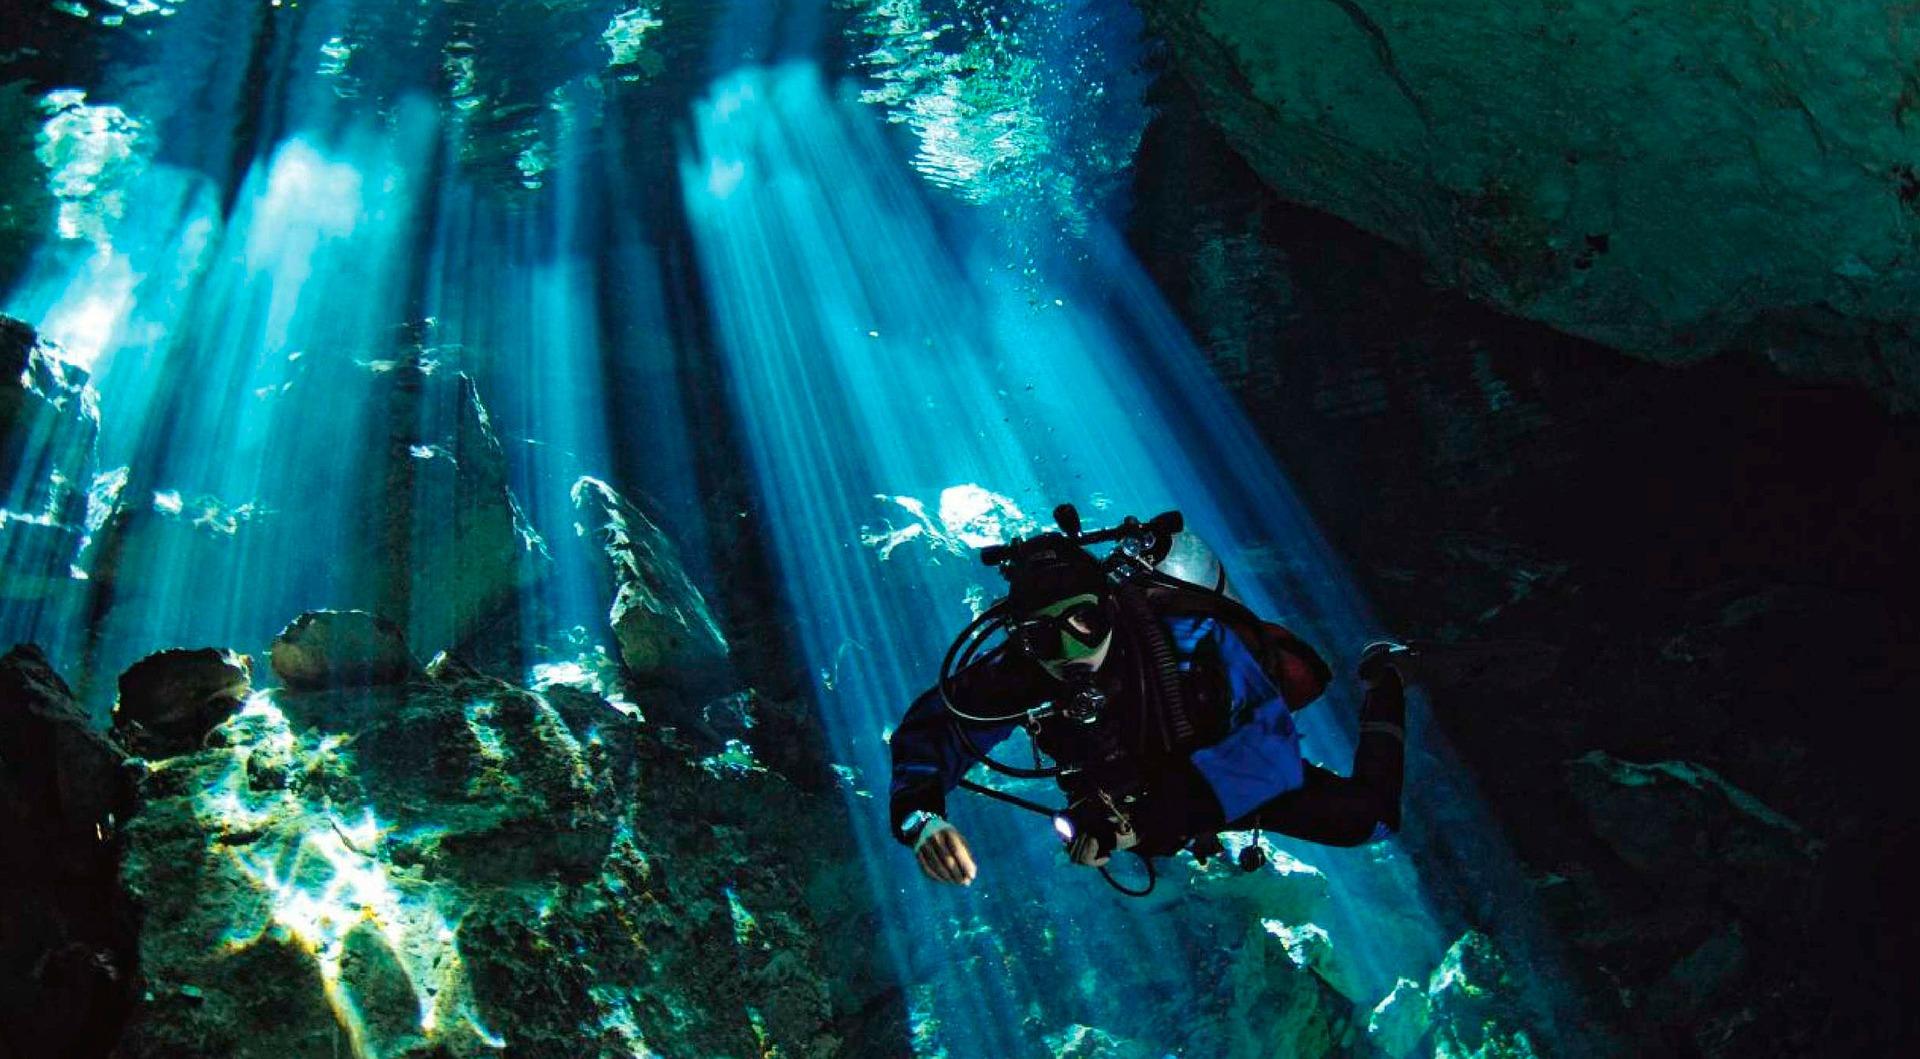 fiume sottomarino yucatan